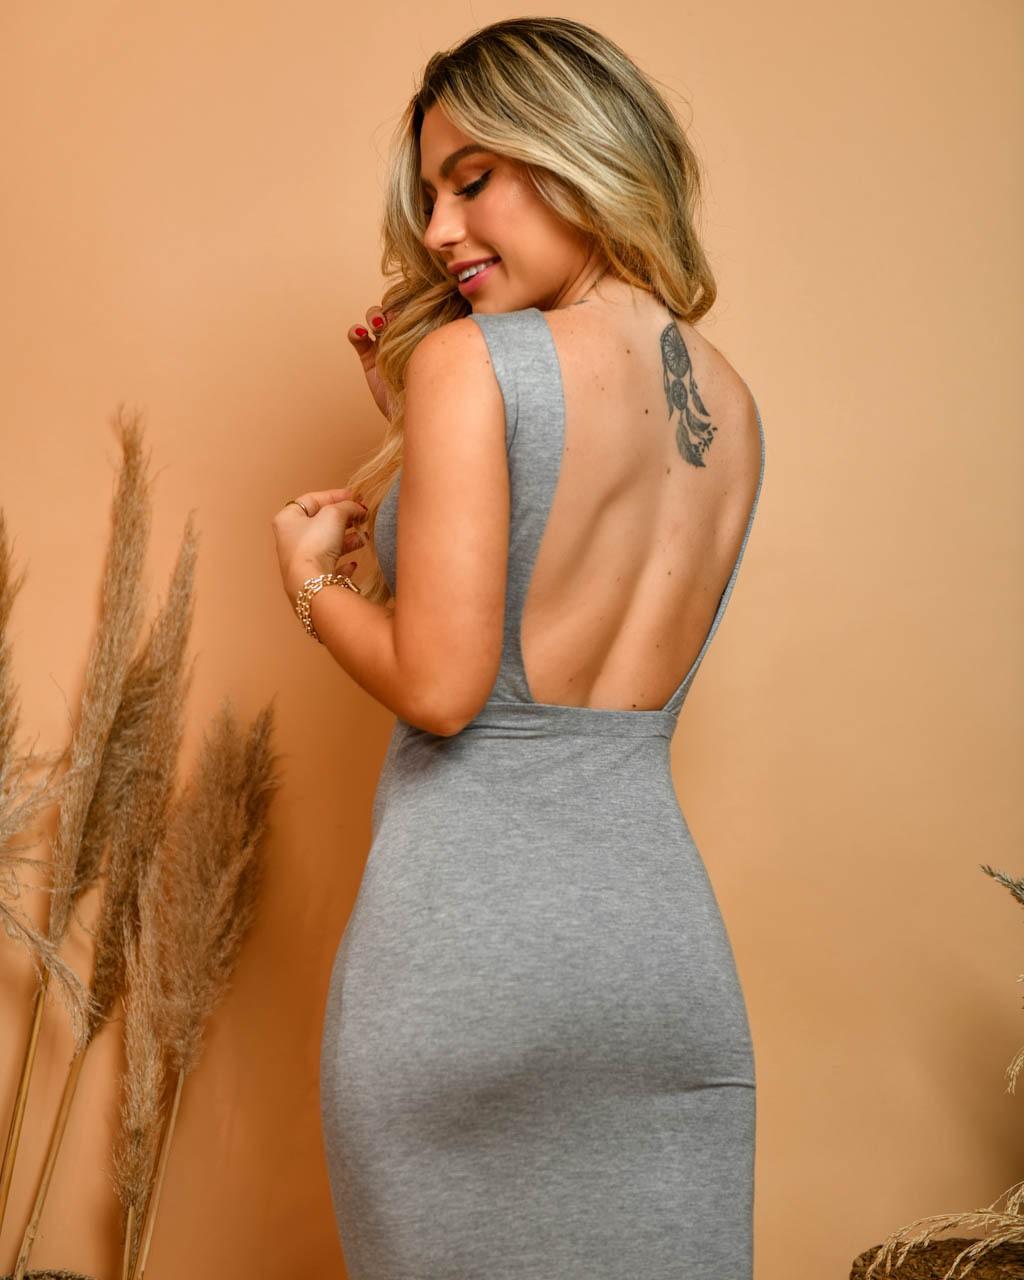 Vestido Liliana  - Empório NM